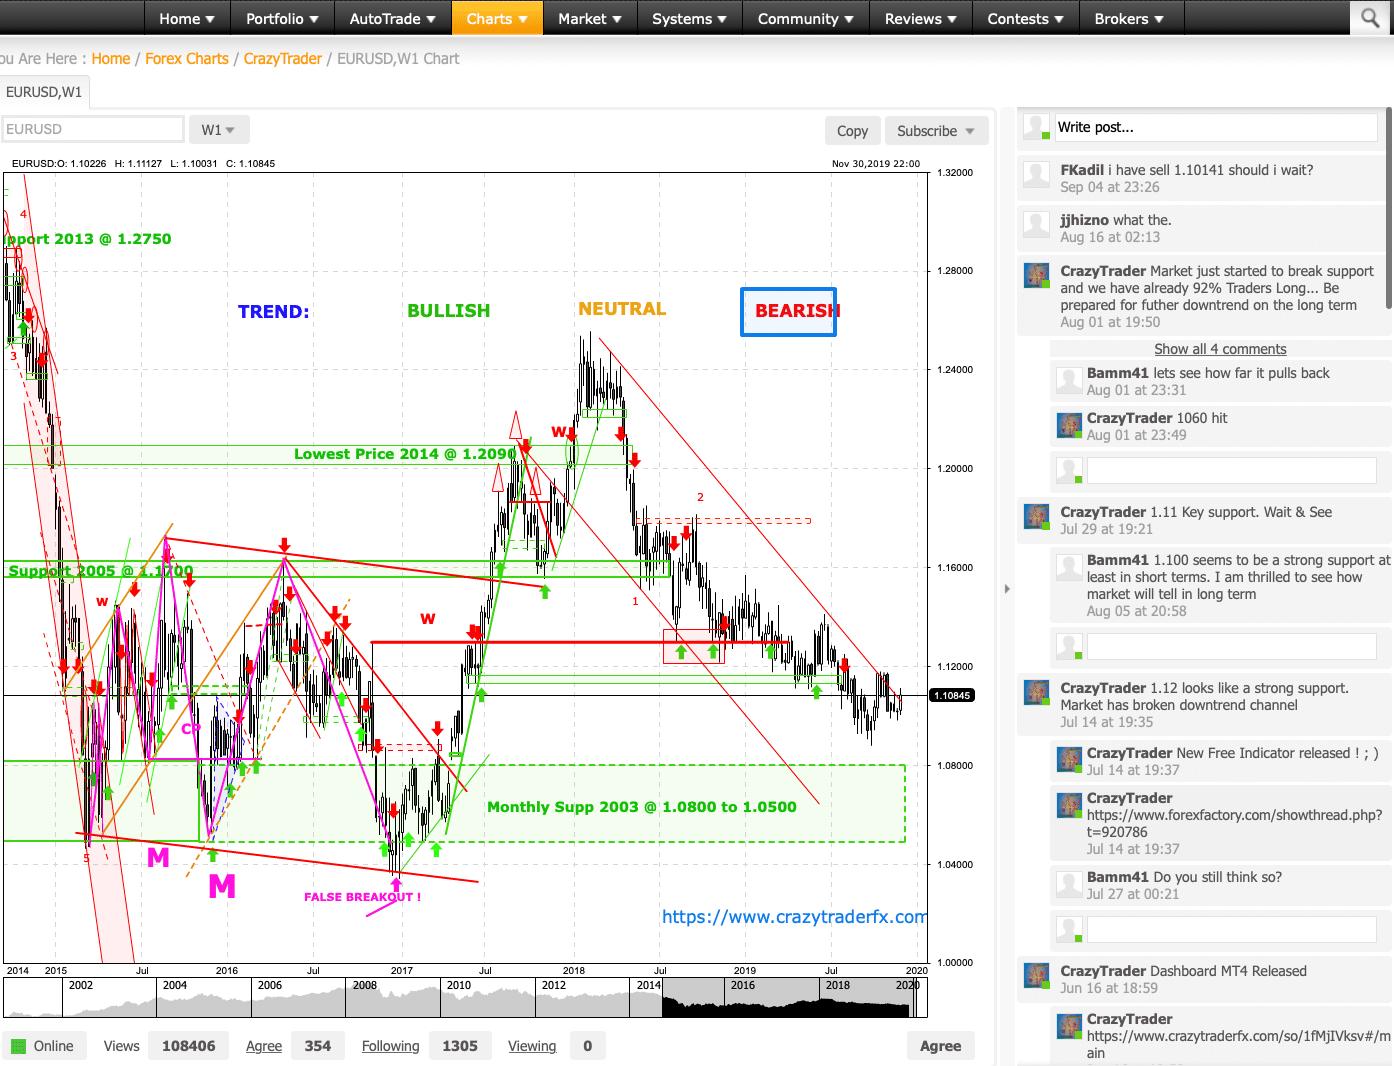 EUR/USDの公開チャート